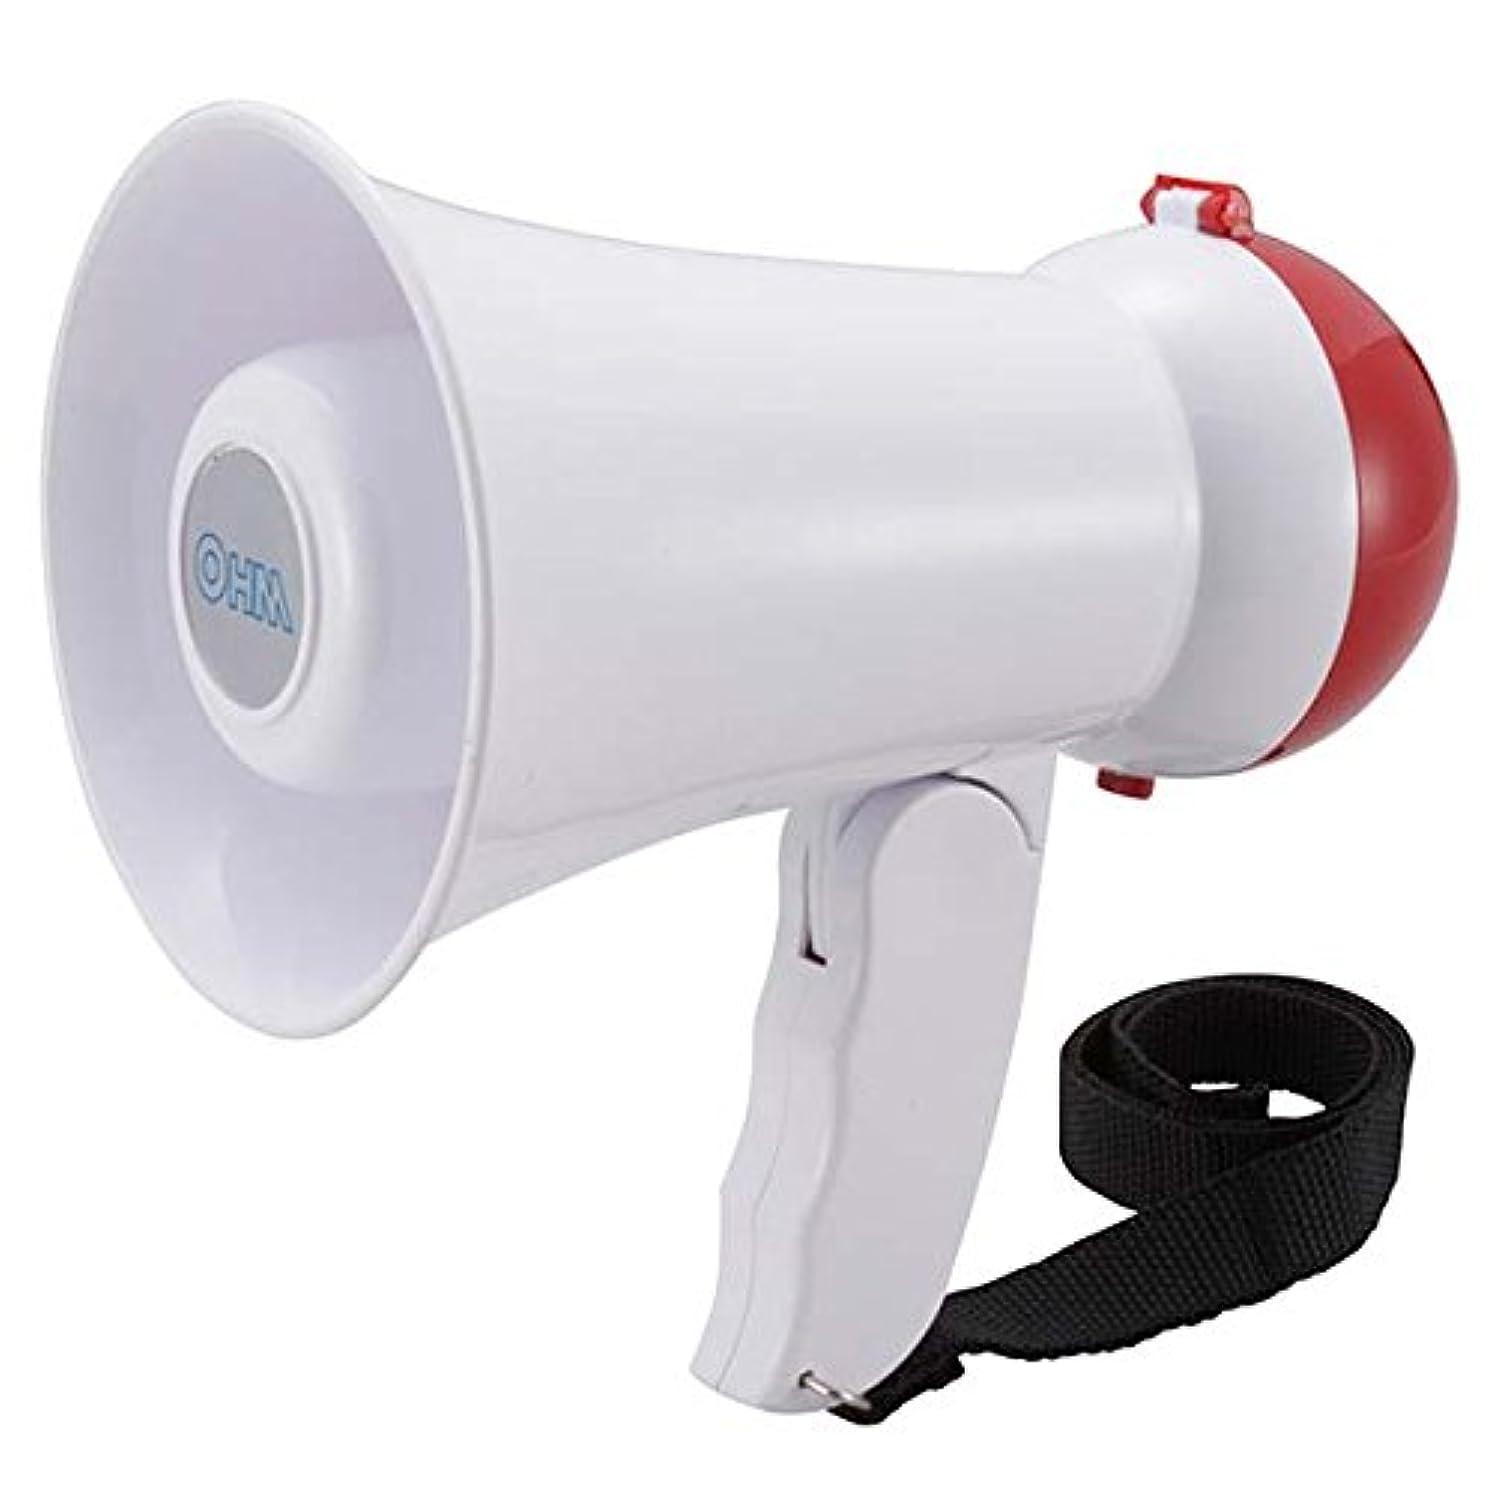 世紀無臭危険な小型拡声器 マイク付拡声器 運動会 イベント 集会に 業務用メガフォン 単3形×6本使用